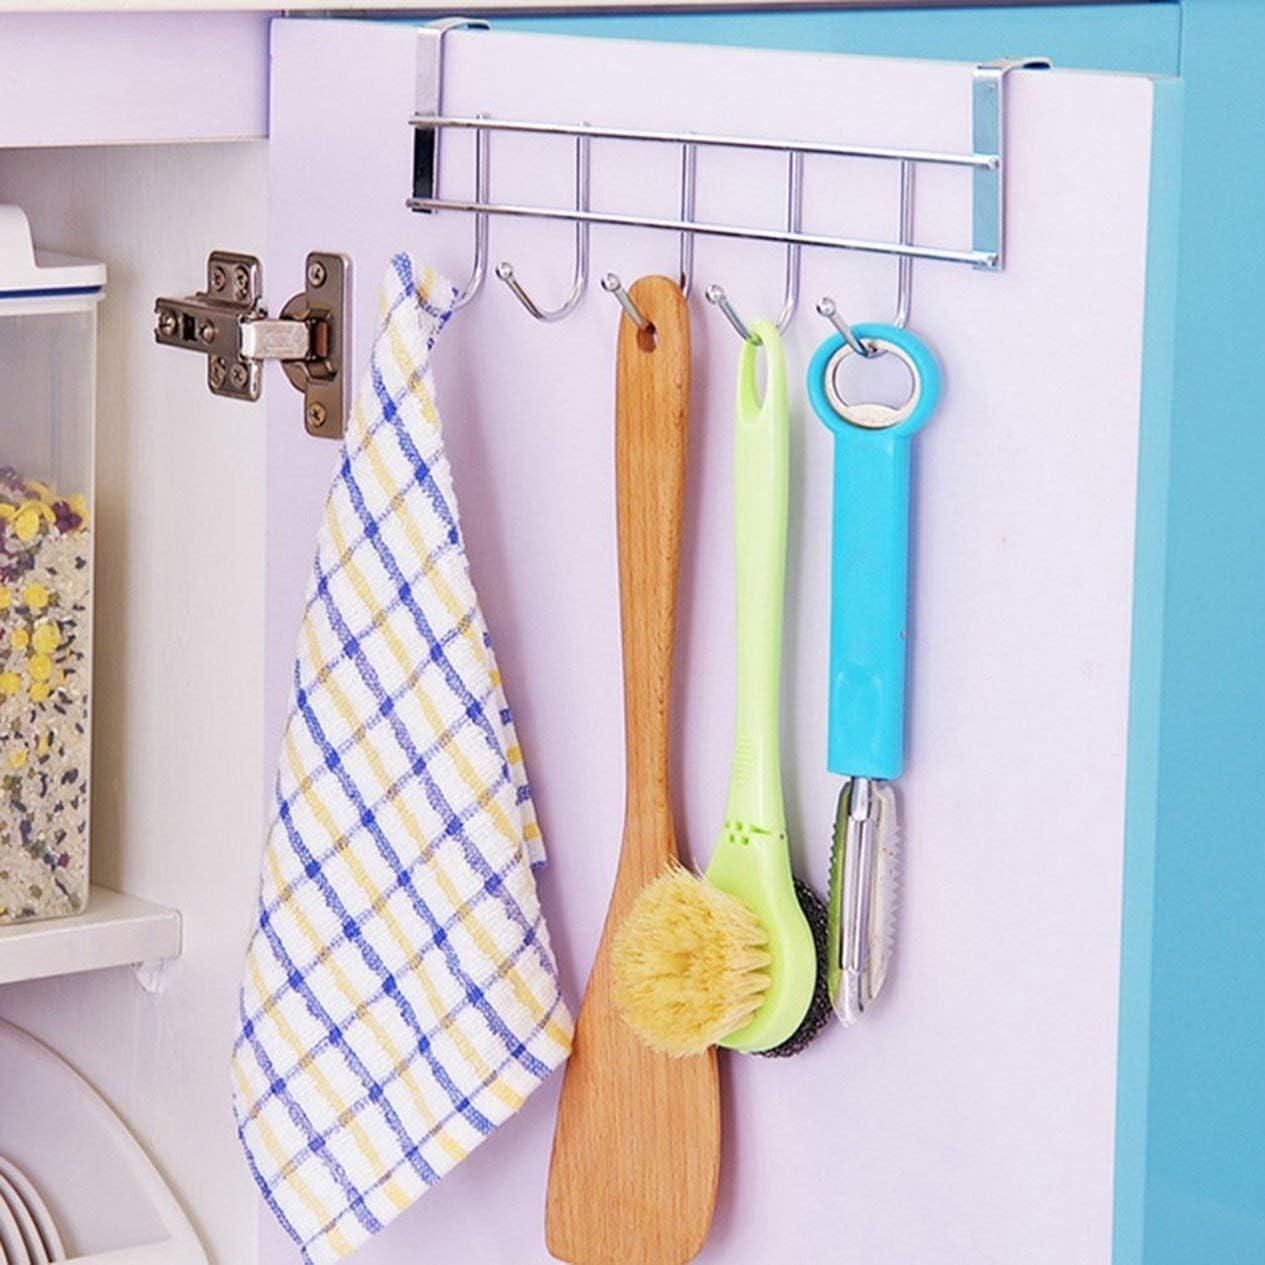 Over Door Hook,Eco-Friendly Silver Metal Over Door Home Bathroom Kitchen Coat Towel Hanger Rack Holder Shelf 5 Hooks Hooks /& Rails